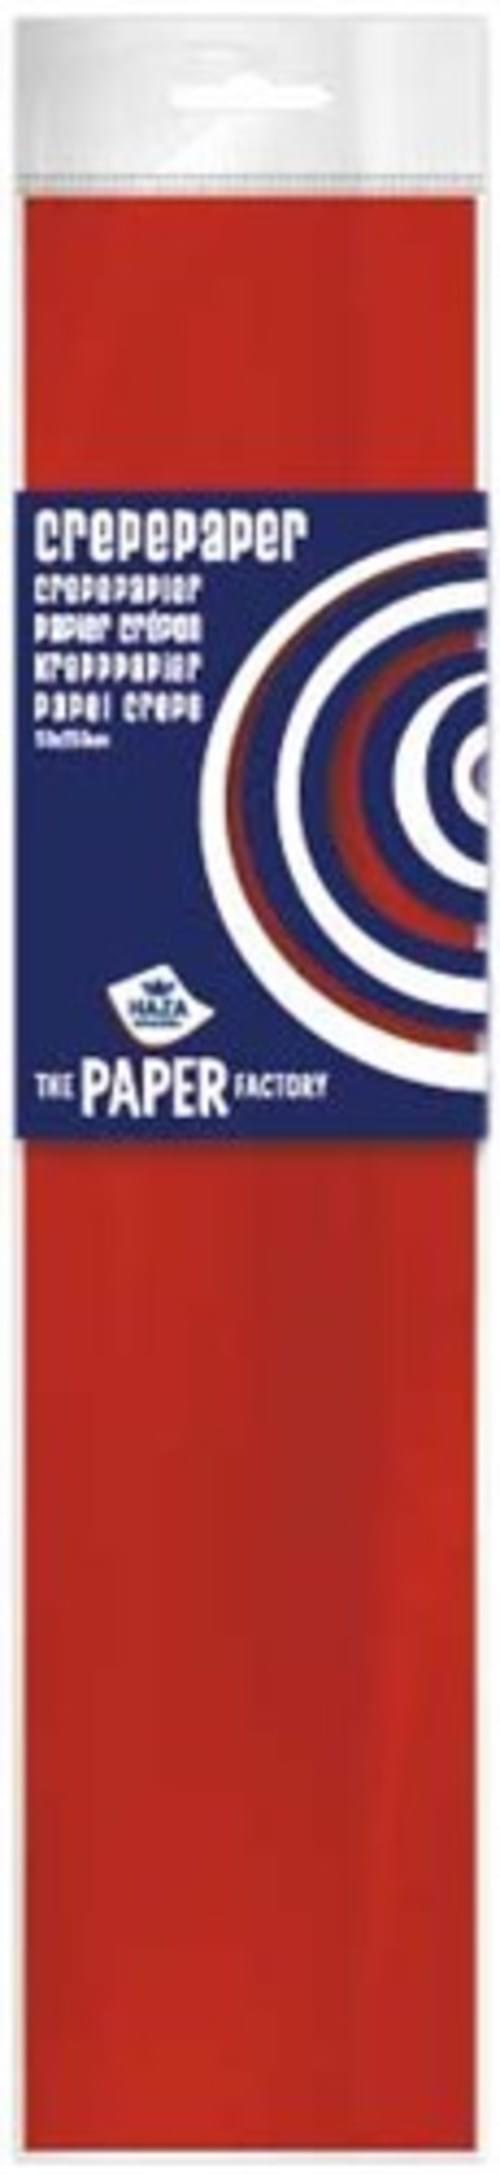 Crepe Paper Red  10pk